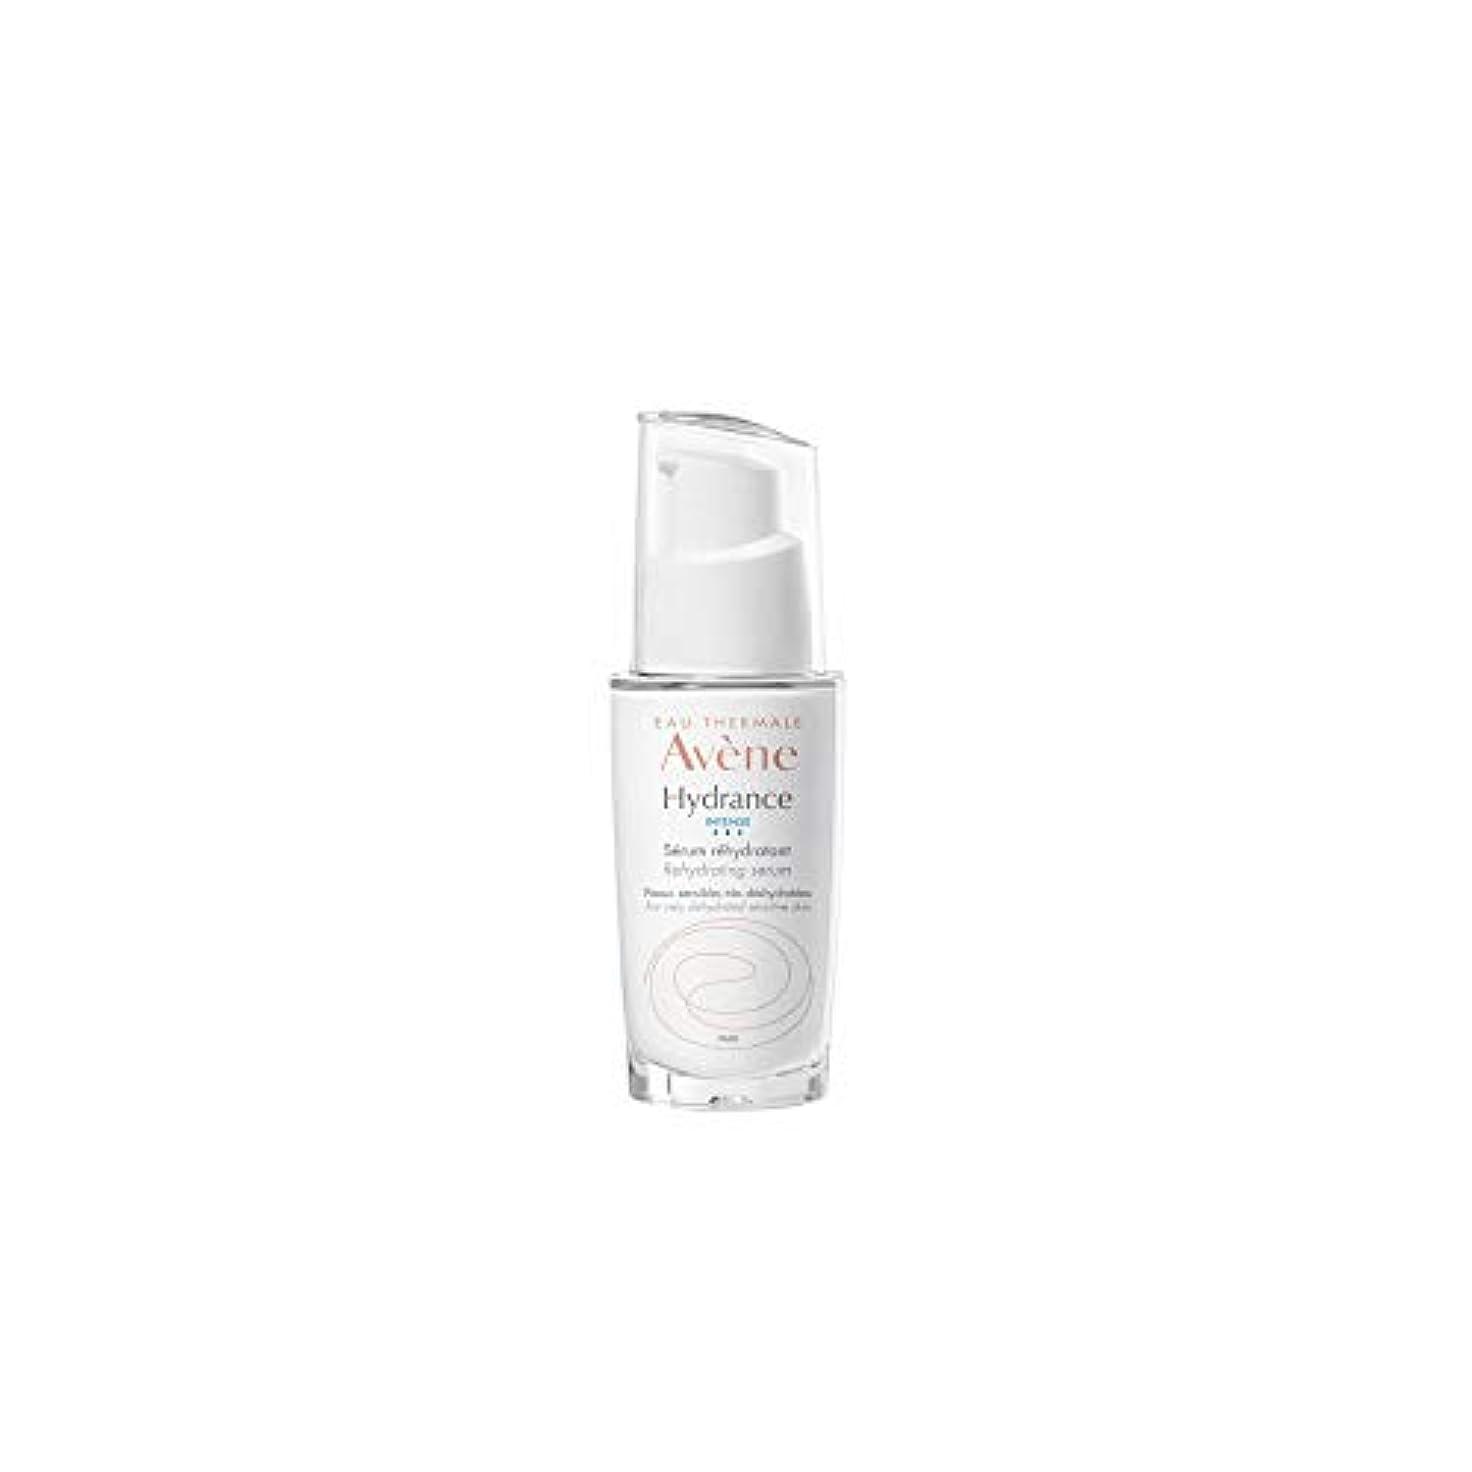 複製フレアオレンジアベンヌ Hydrance Intense Rehydrating Serum - For Very Dehydrated Sensitive Skin 30ml/1oz並行輸入品